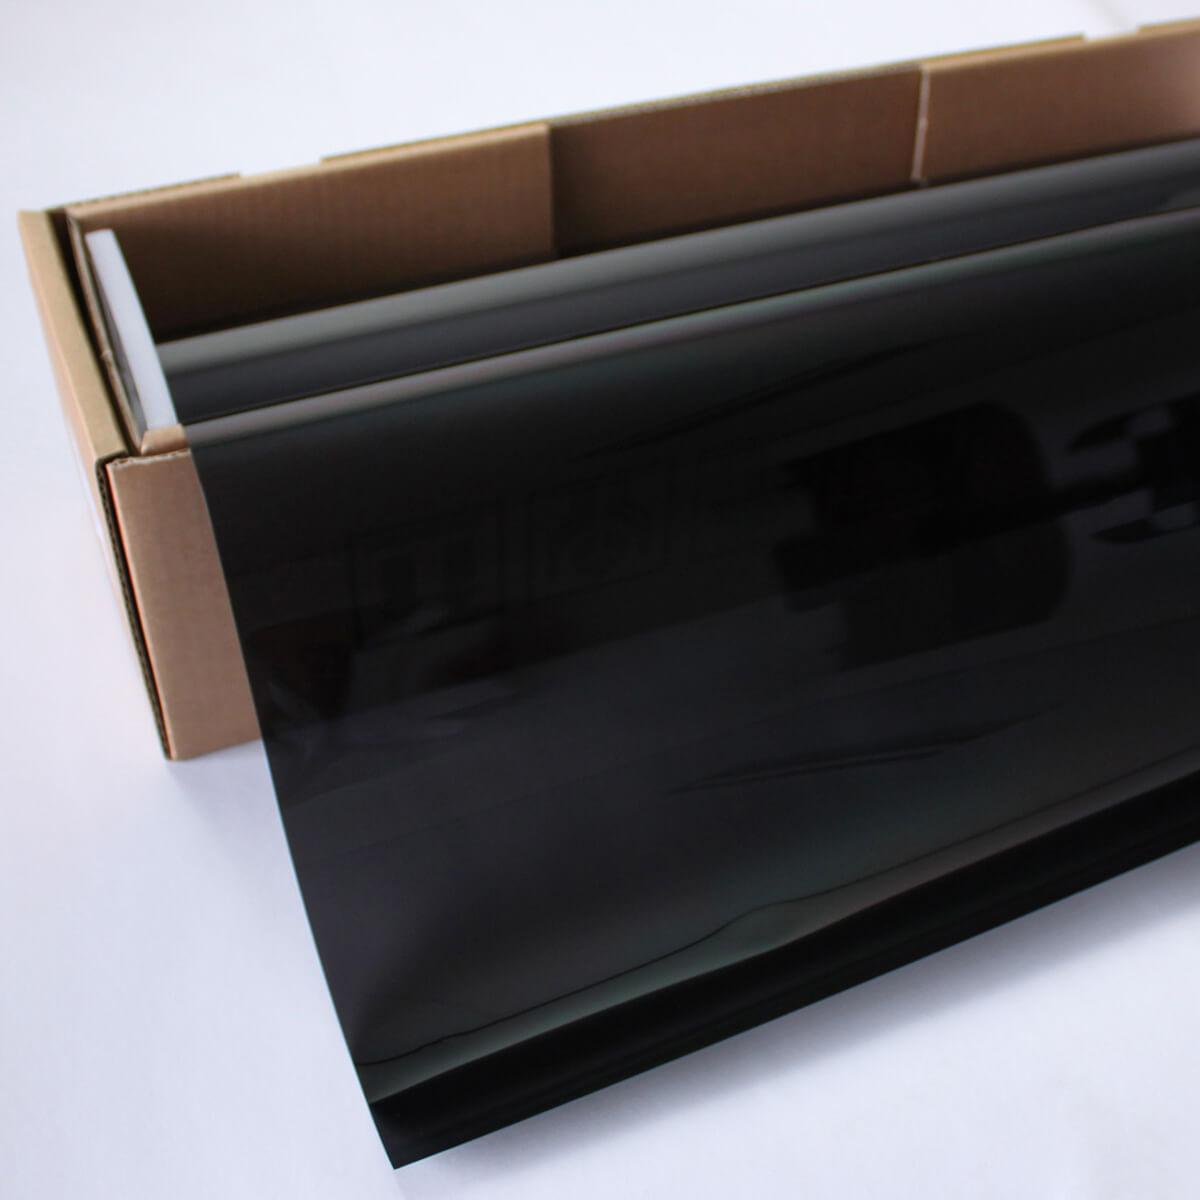 送料無料 カーフィルム 窓ガラスフィルム プロ・スモーク05(6%) 1m幅×30mロール箱売 スモークフィルム 遮熱フィルム 断熱フィルム UVカットフィルム ブレインテック Braintec